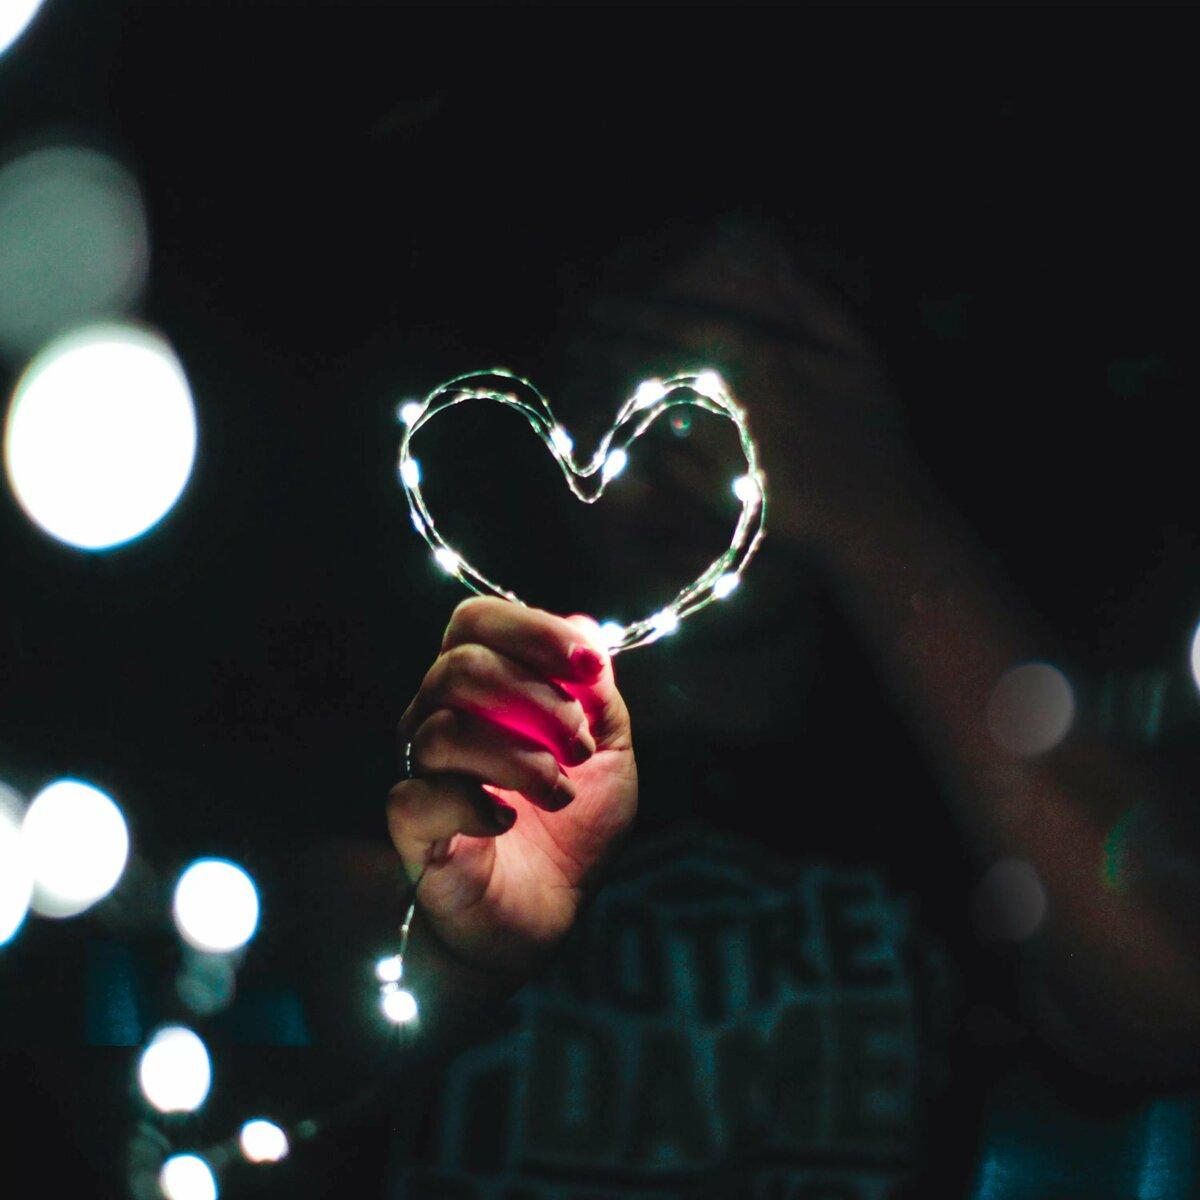 картинка сердце в темноте также учитывает